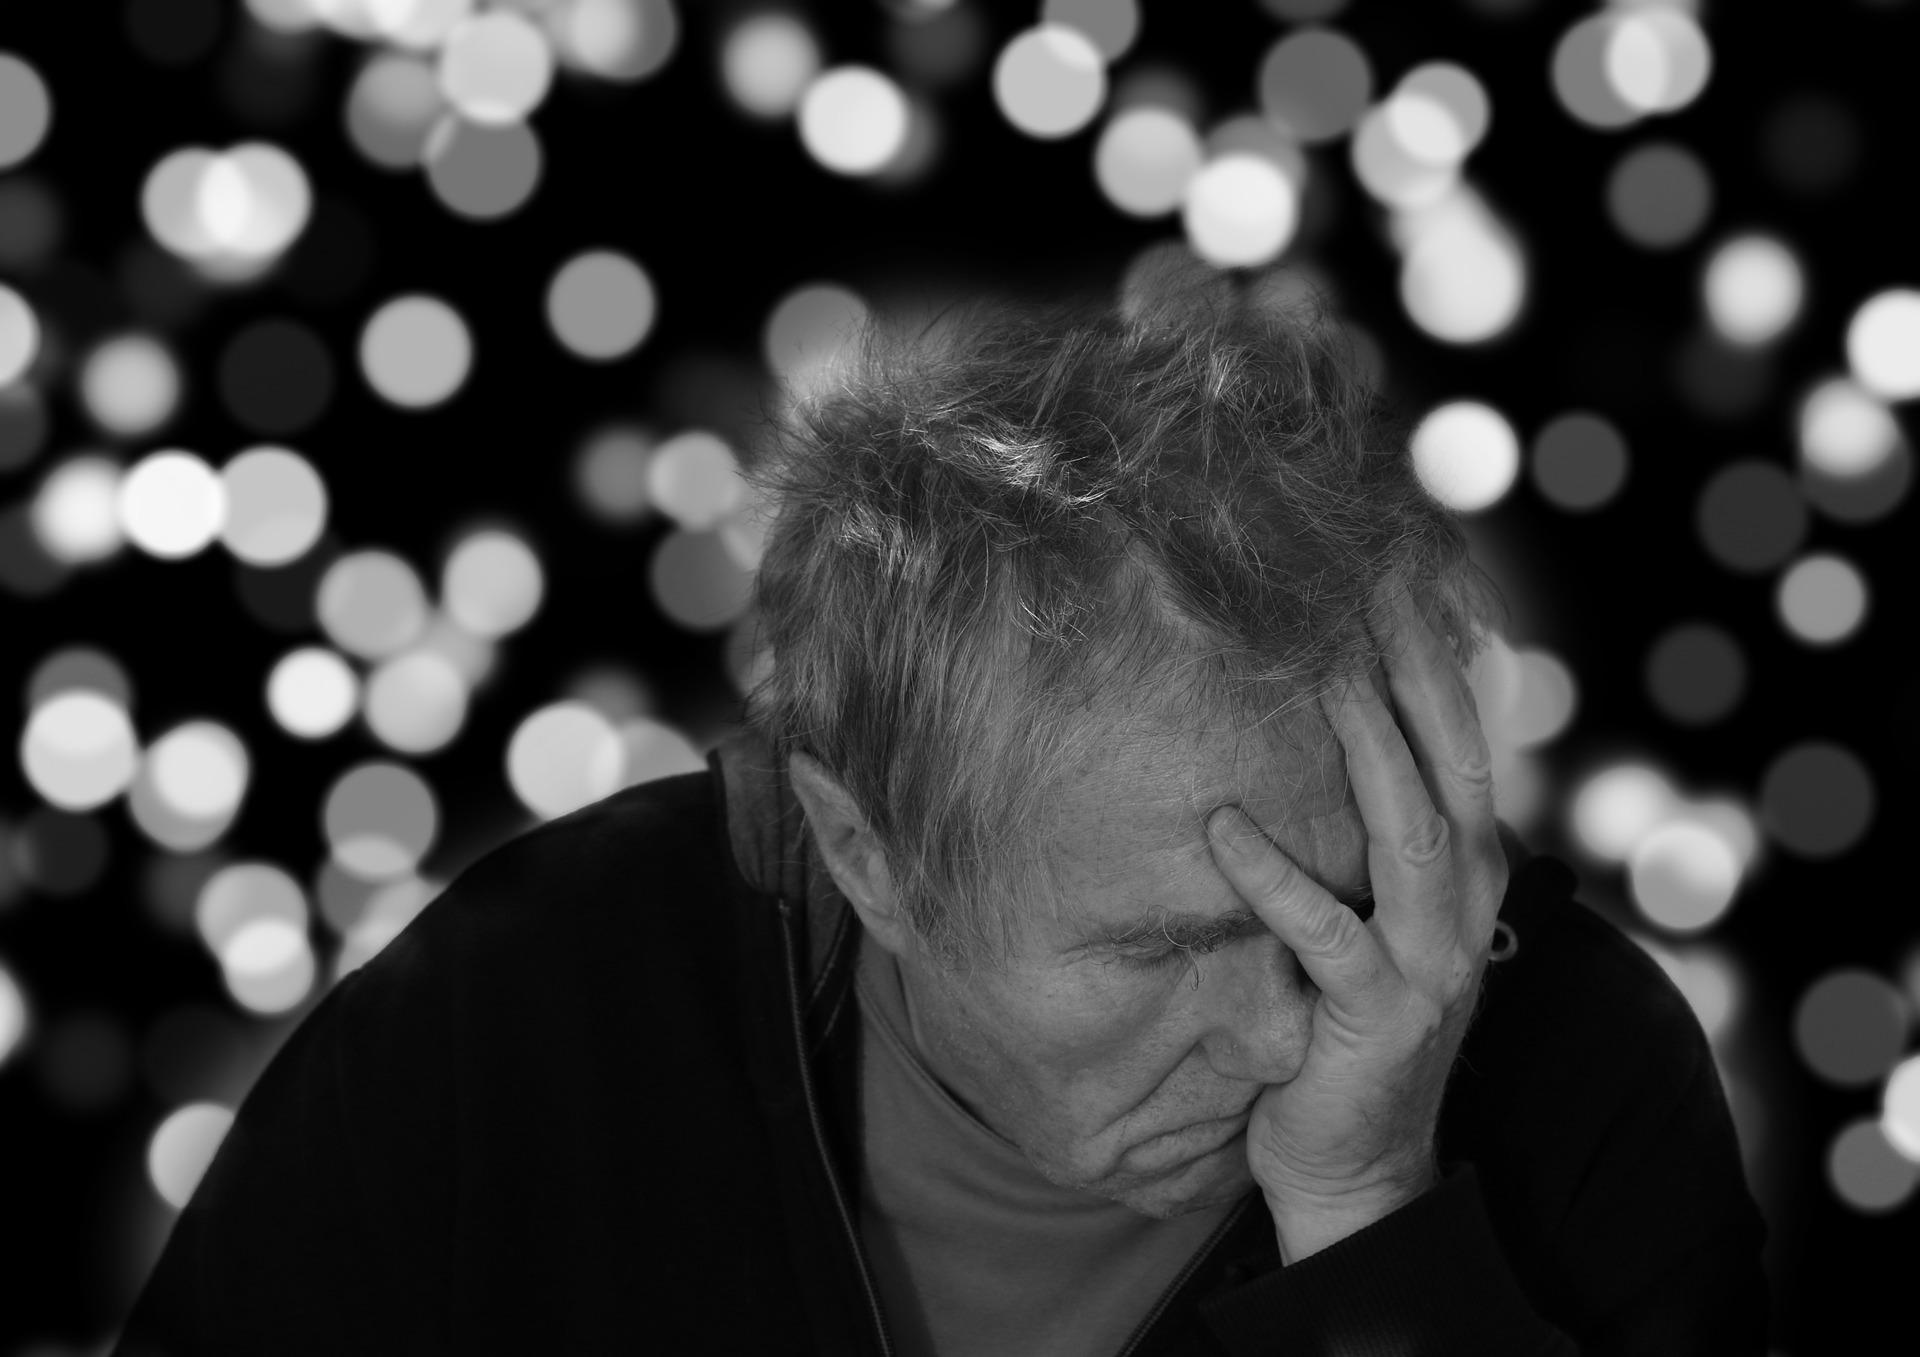 La frequenza dei fenomeni di interesse infermieristico  in Salute Mentale: uno studio a metodo misto italiano